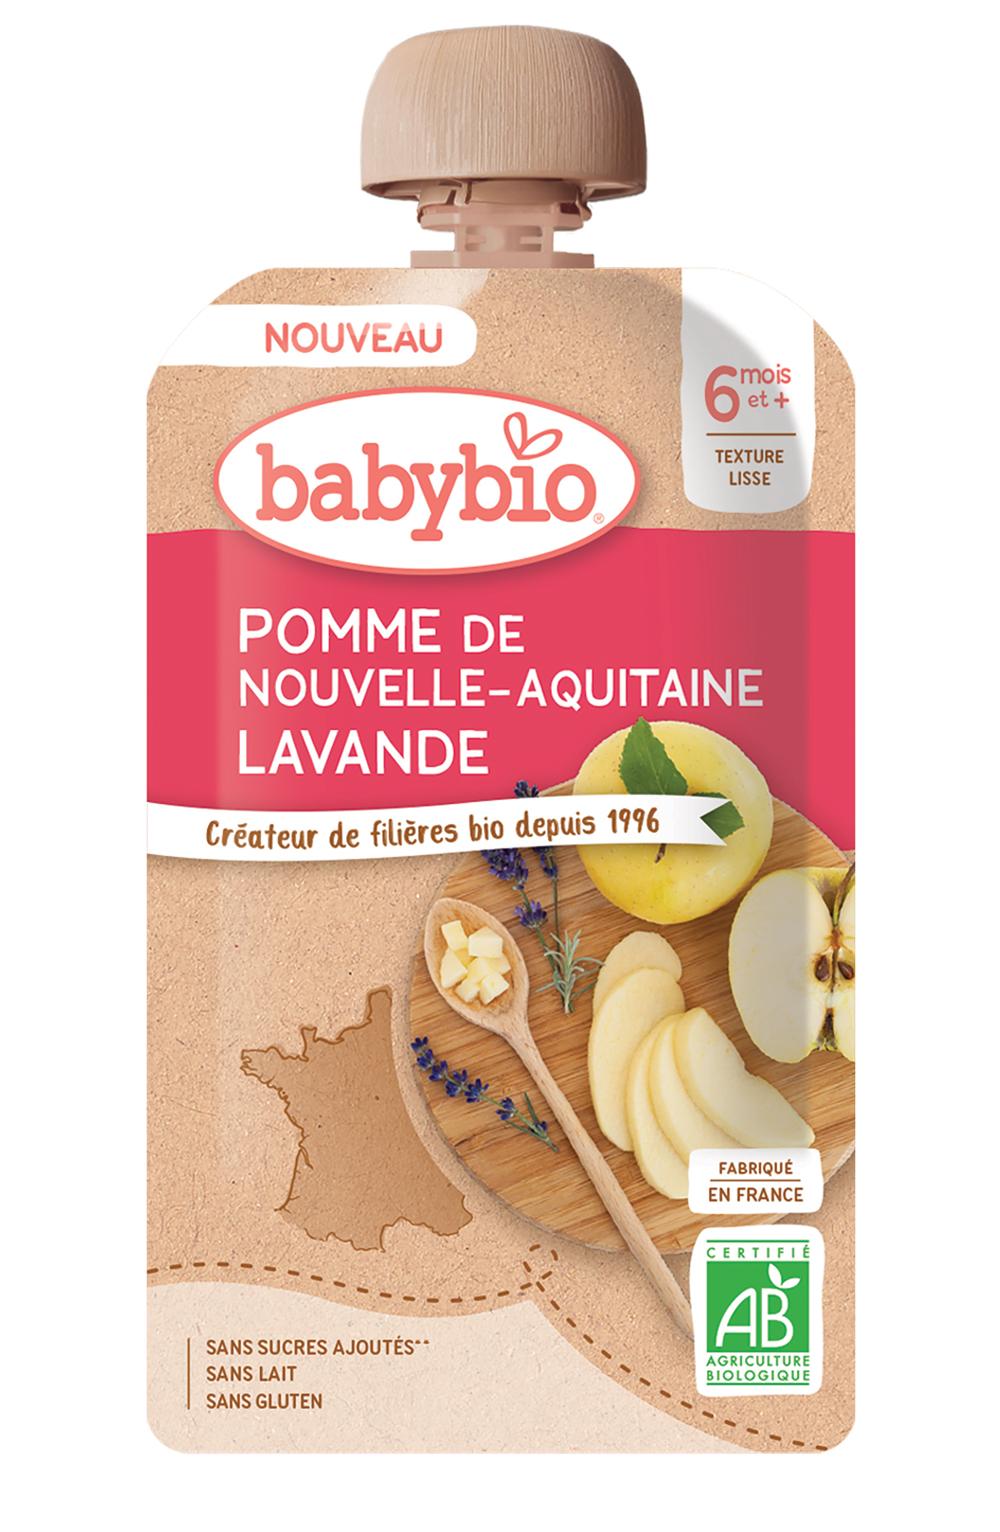 babybio Pomme de Nouvelle Aquitaine Lavande - Des bouquets de saveurs pour bébé avec les gourdes Babybio